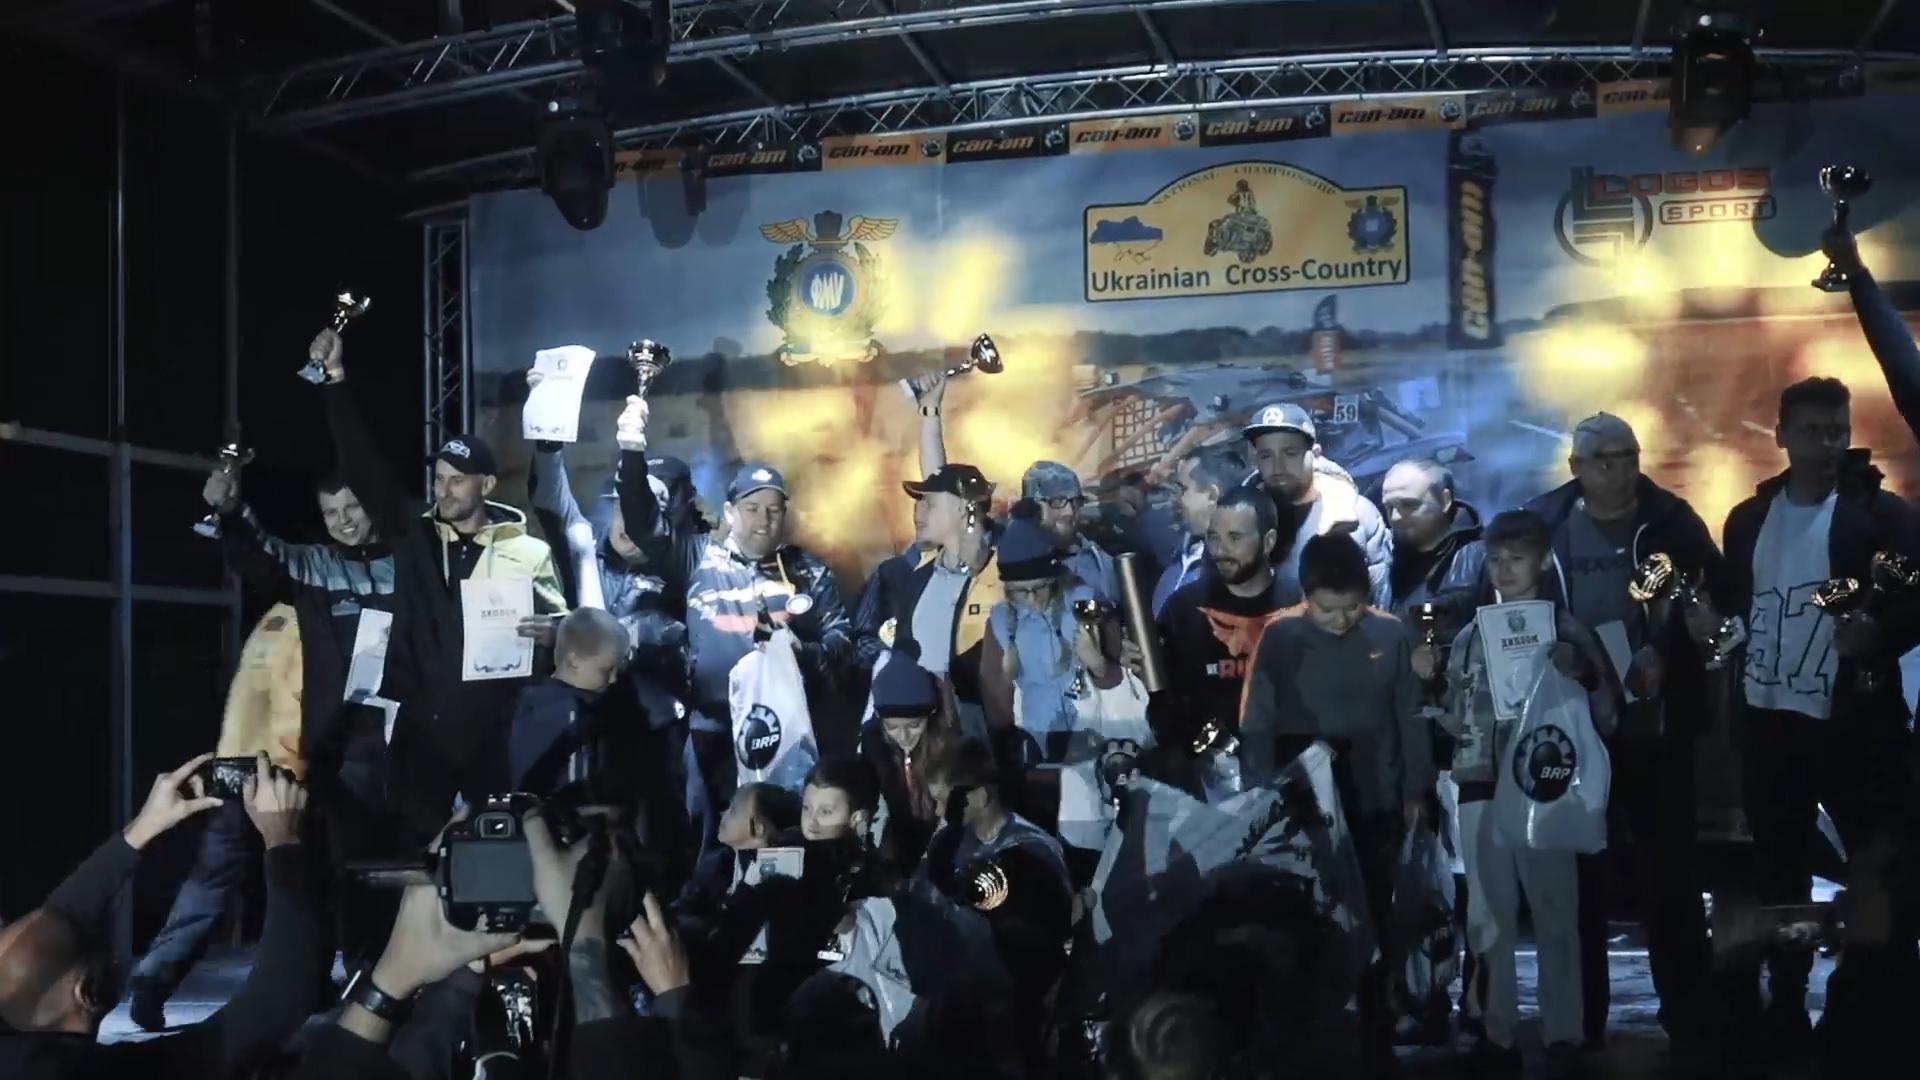 2018.09.29 – відбувся 3-й етап Чемпіонату України «Ukrainian Cross-Country 2018» серед квадроциклів. Як це відбувалося?